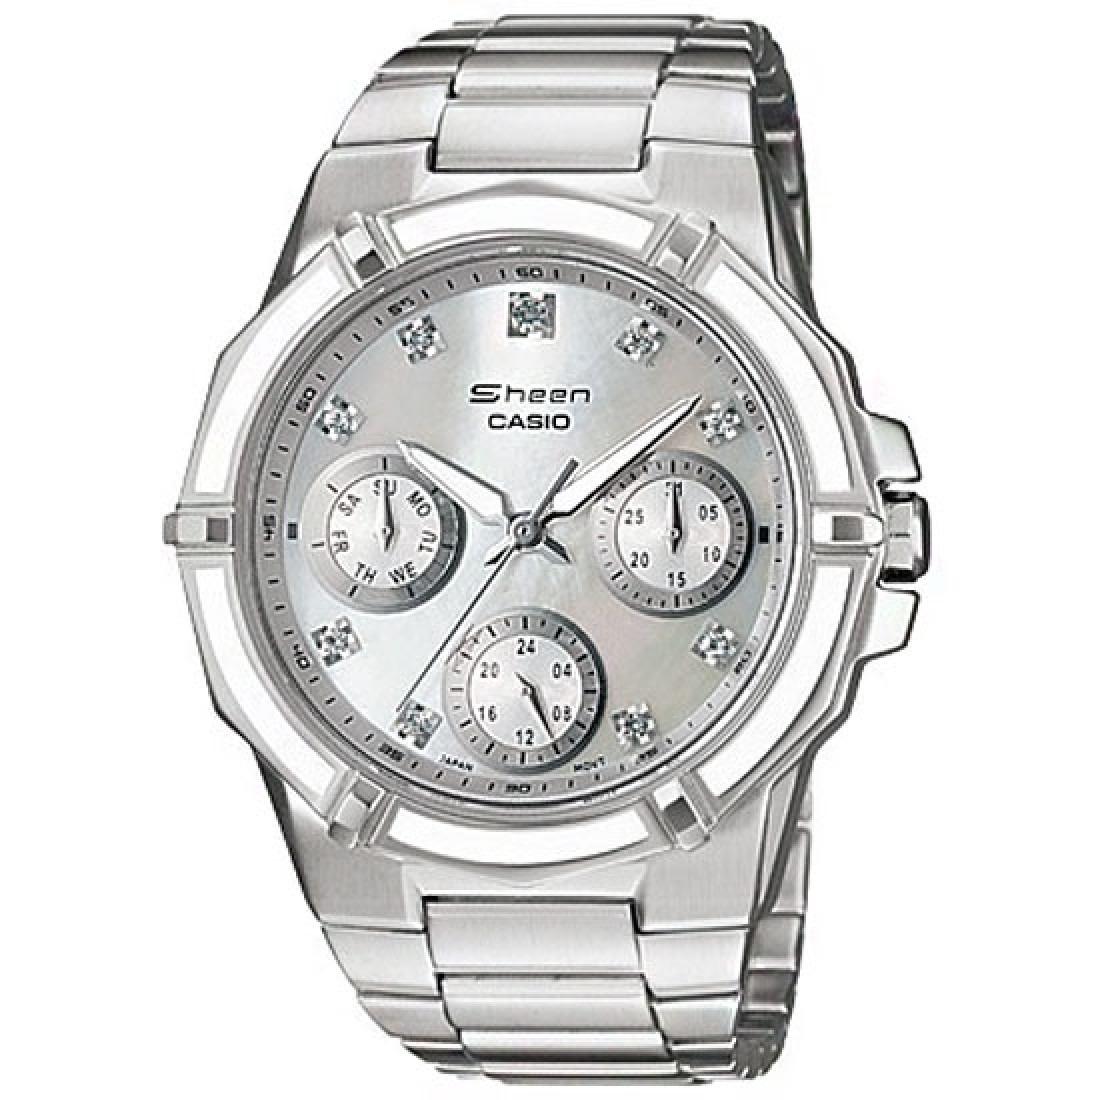 fd043ec92ed2 reloj casio edifice mujer shn-3015d-7a envío internacional. Cargando zoom.